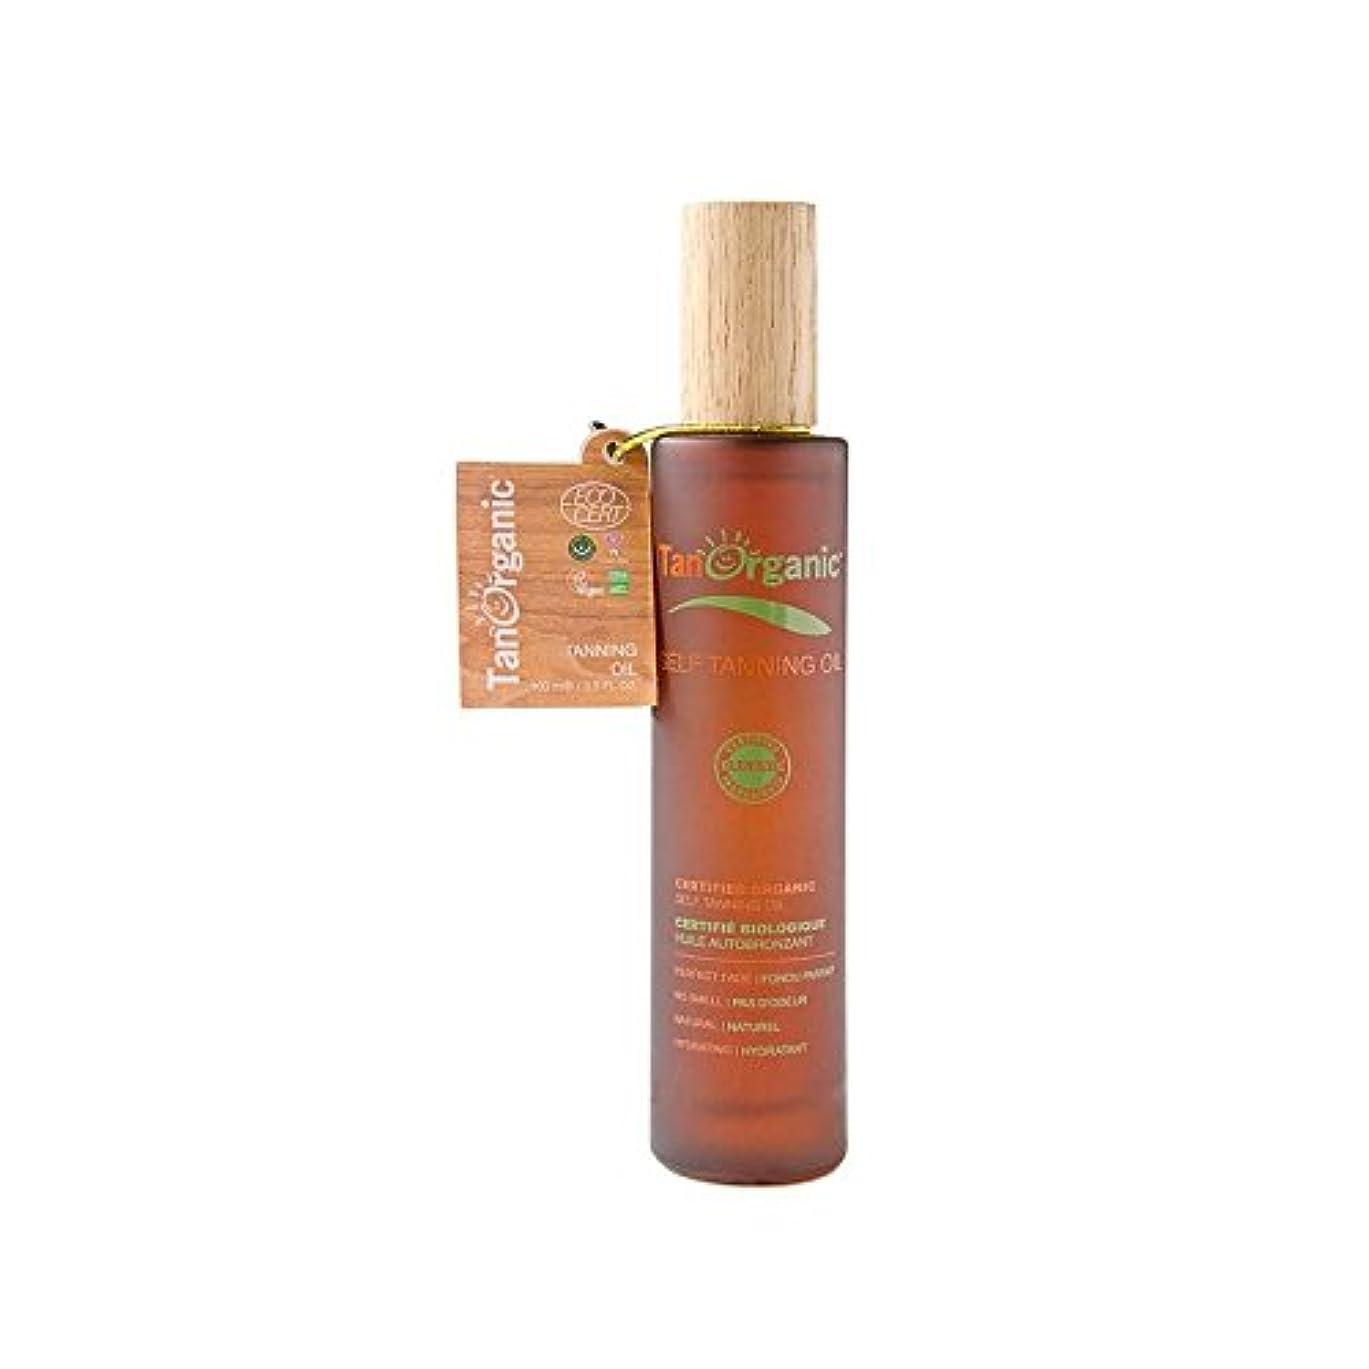 脆い硬さ下手Tanorganic自己日焼け顔&ボディオイル (Tan Organic) (x 2) - TanOrganic Self-Tan Face & Body Oil (Pack of 2) [並行輸入品]